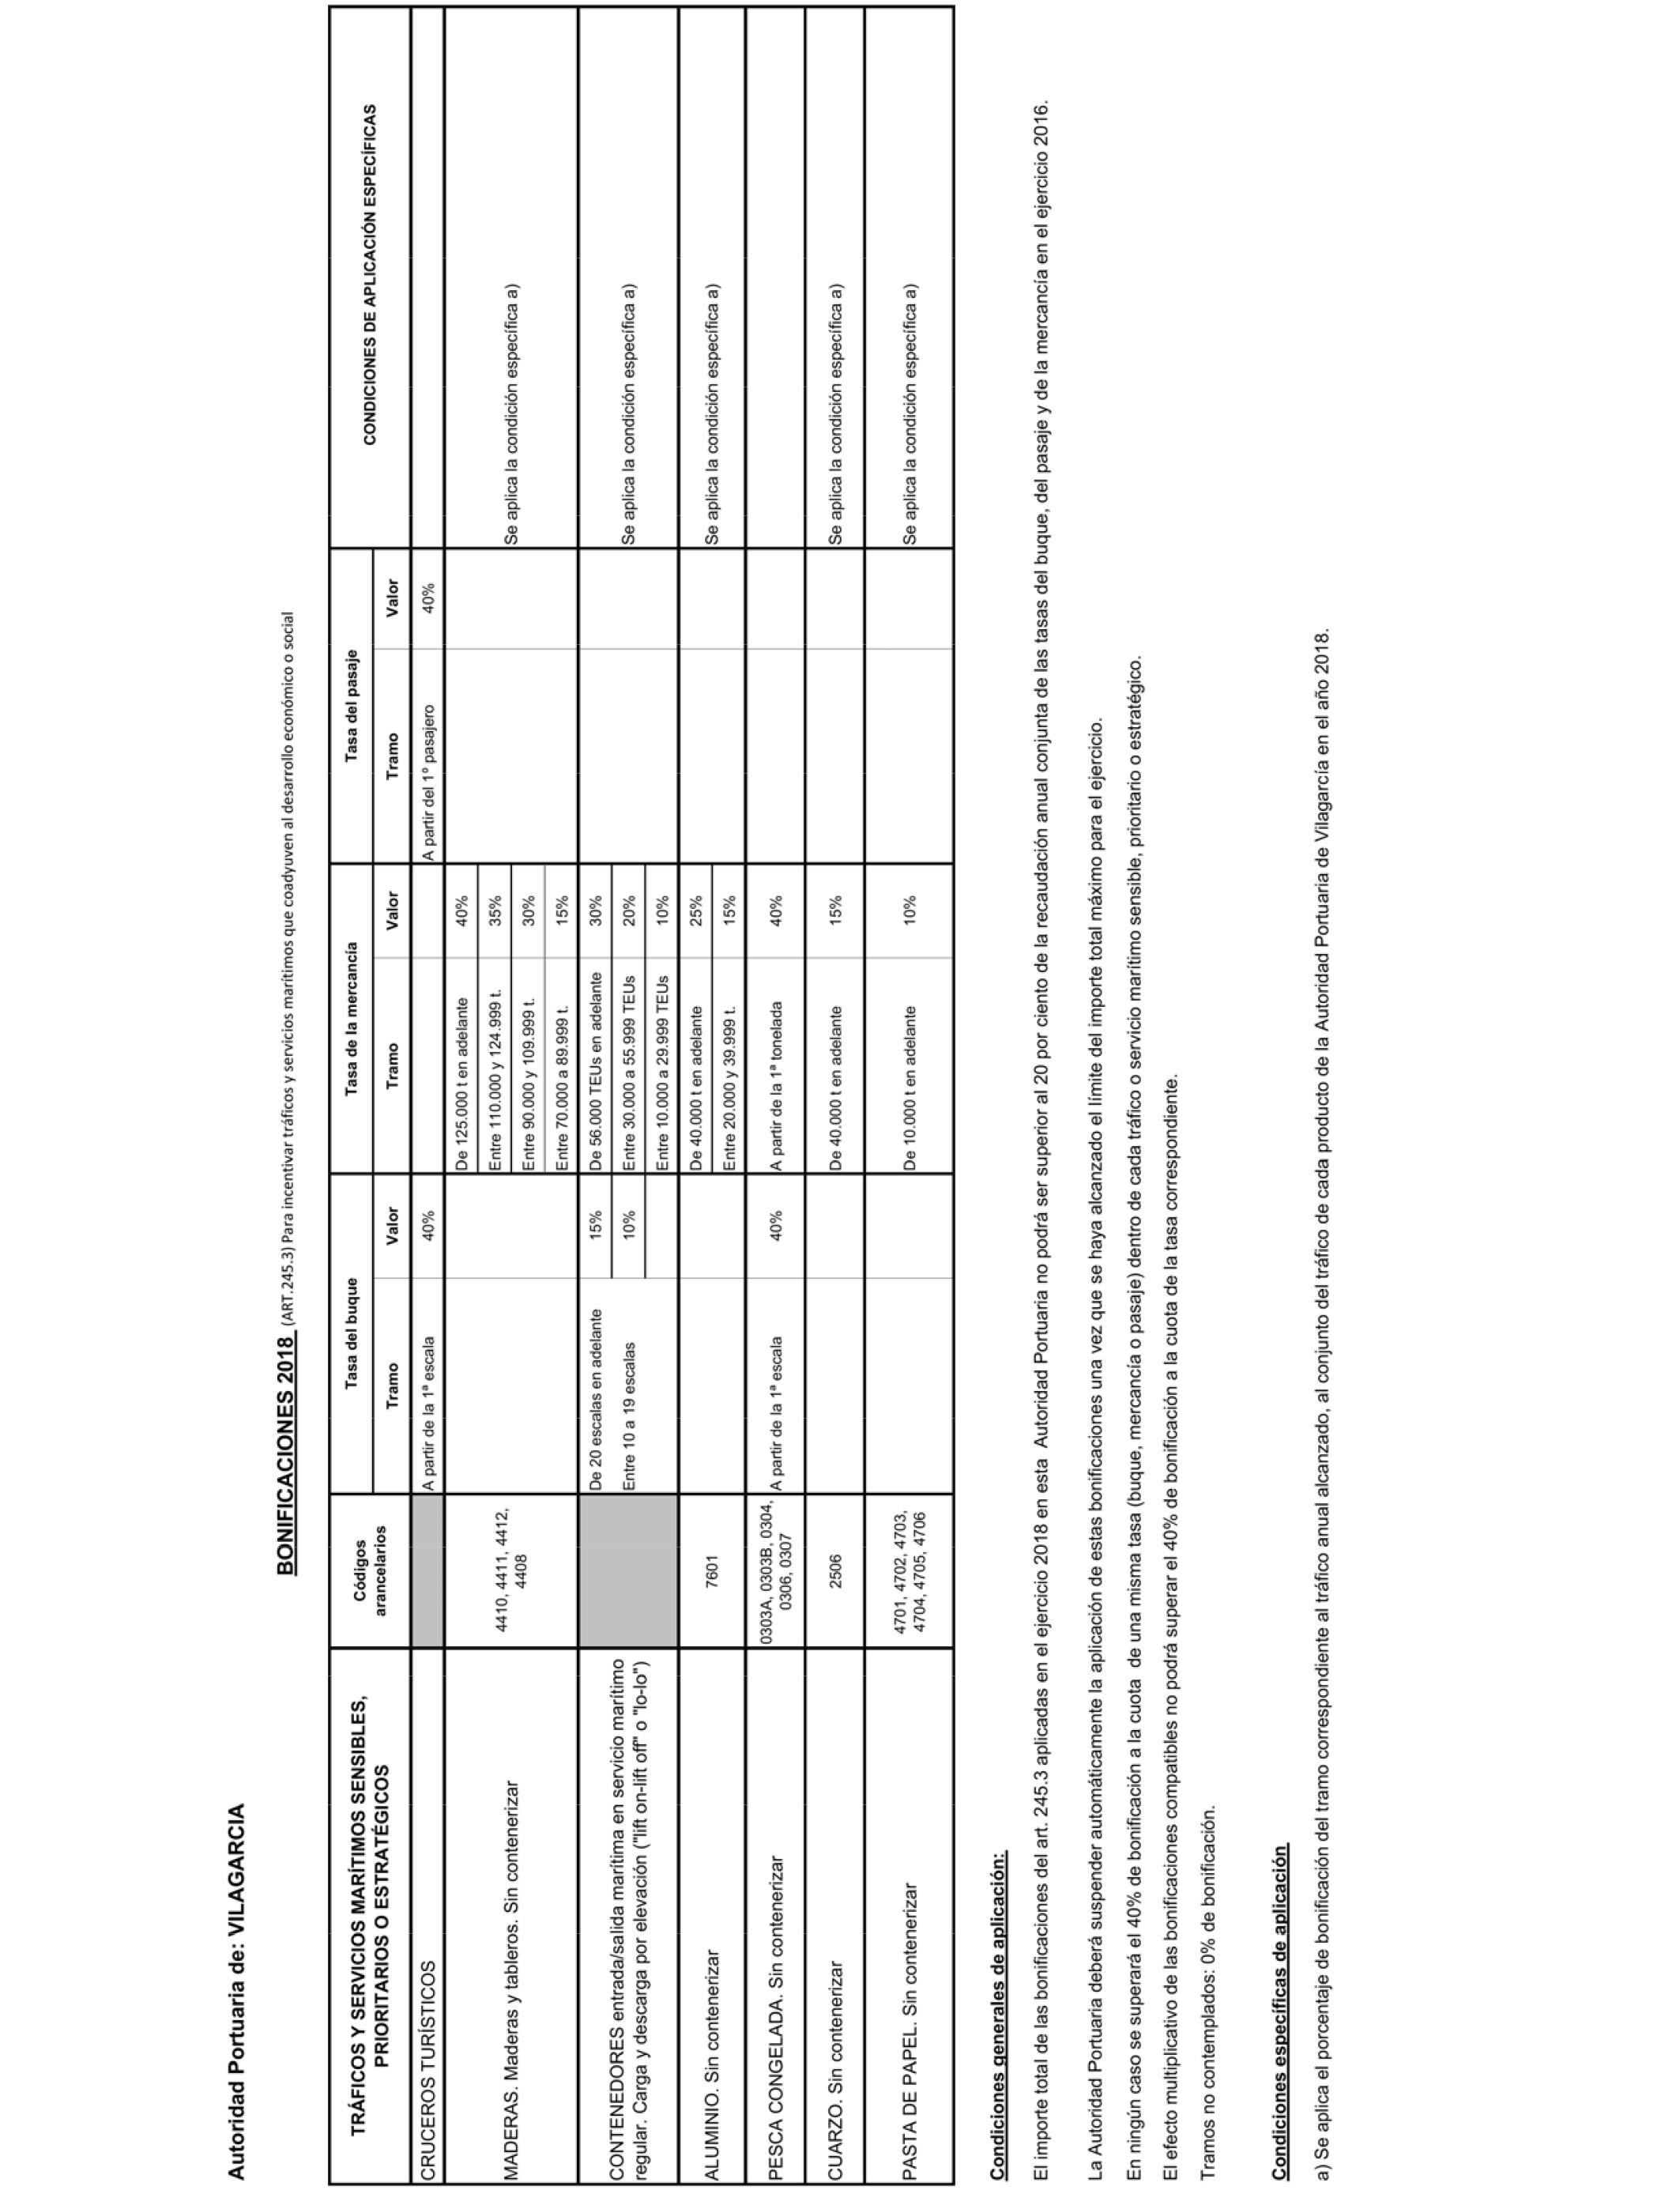 Calendario Laboral Oficial Barcelona 2019 Más Recientes Boe Documento Consolidado Boe A 2018 9268 Of Calendario Laboral Oficial Barcelona 2019 Más Actual eventos